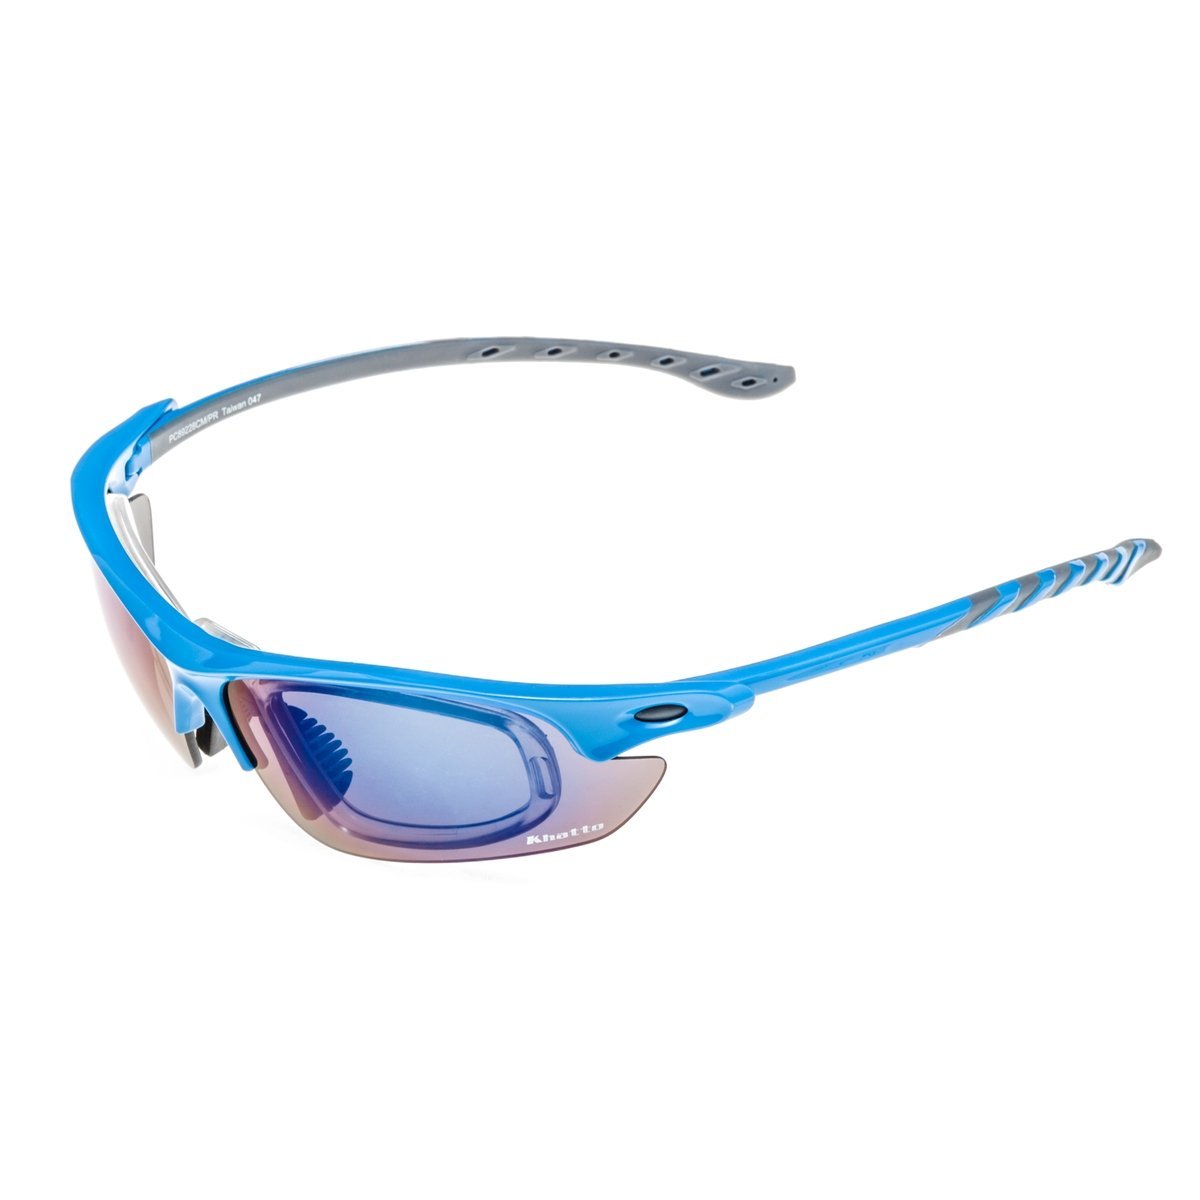 Óculos de Sol Khatto KTS89228 - Compre Agora   Netshoes 8f4d052f0b